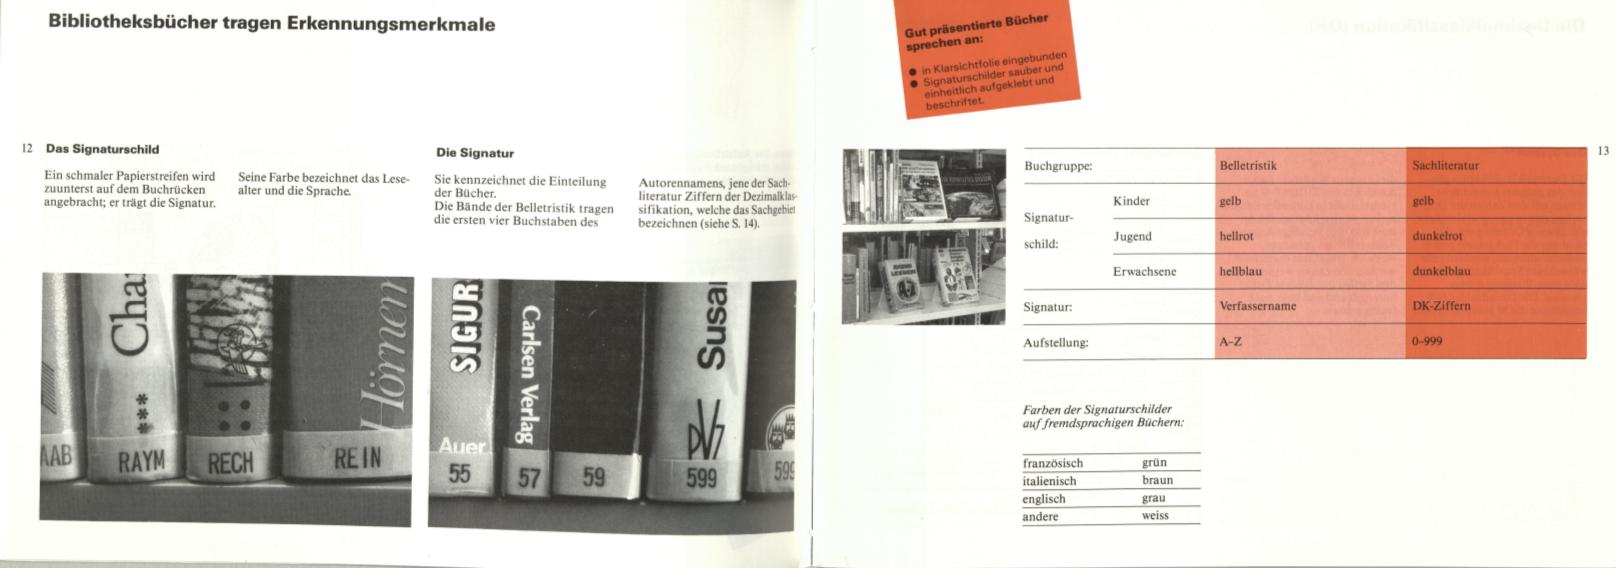 Geschichte | Bibliotheken als Bildungseinrichtung